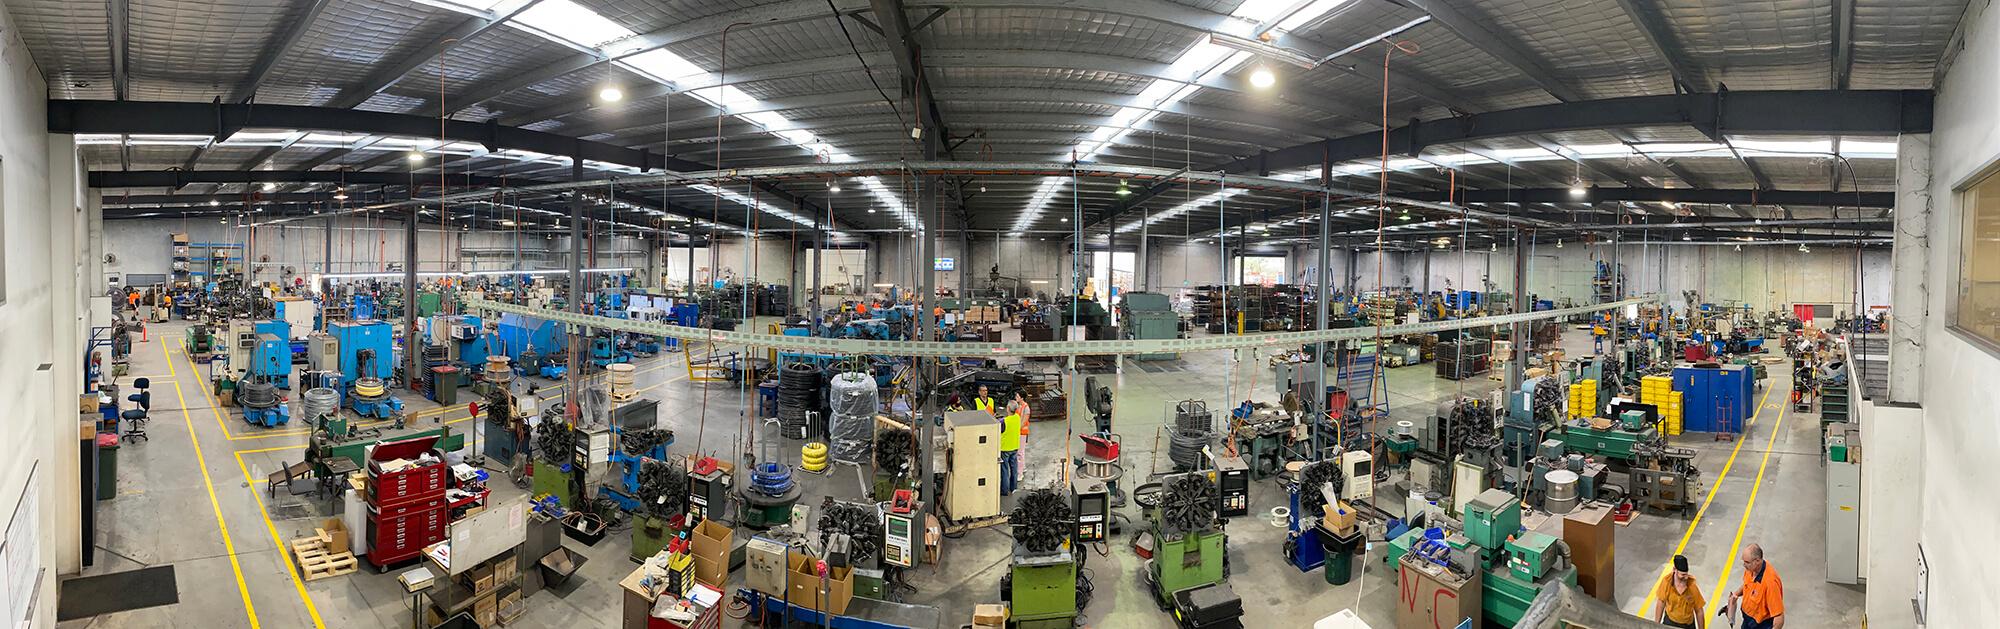 factory-floor-pano